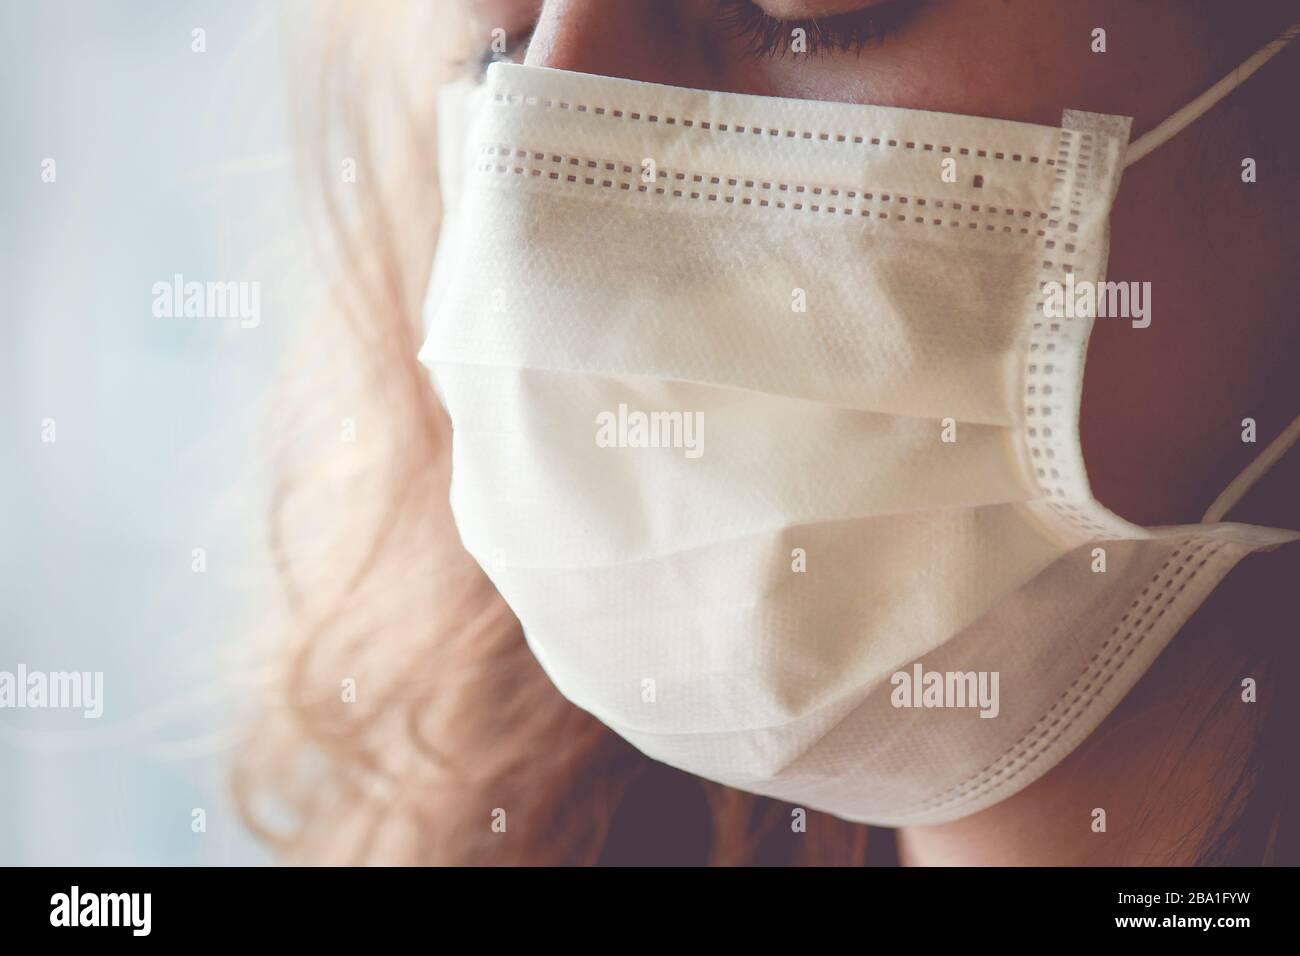 Particolare della donna caucasica che indossa una maschera medica bianca per il viso. La donna sta piangendo, gli occhi chiusi. Mettere a fuoco sulla parte anteriore del viso, sfondo sfocato. Coronavirus, quarantena COVID-19. Concetto di infermiere. Foto Stock